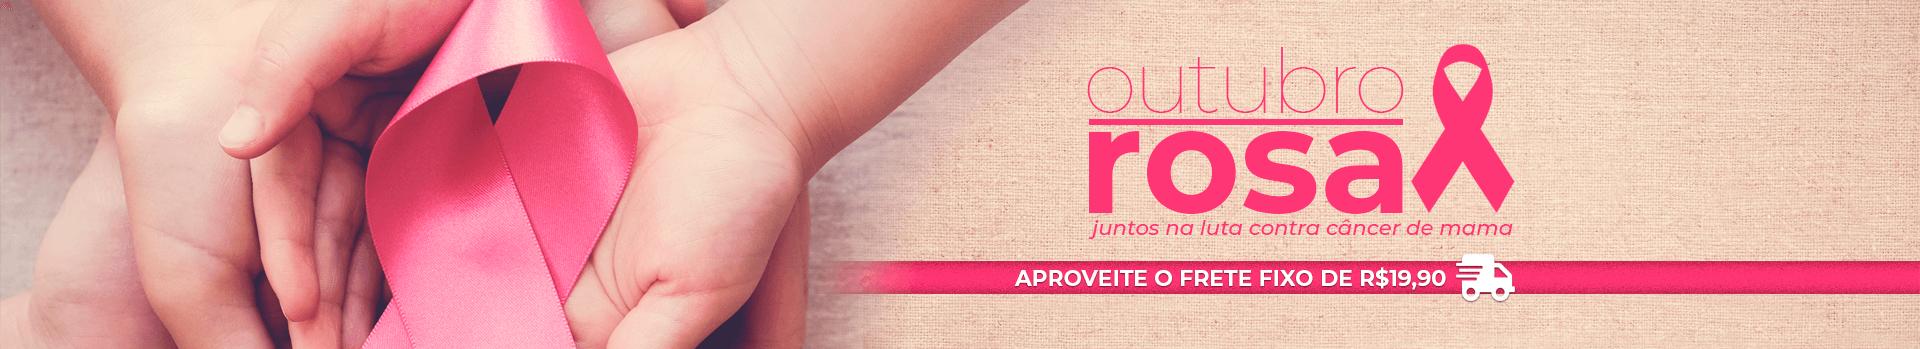 Outubro Rosa - Juntos na luta contra Câncer de Mama | Loja Buettner | Aproveite o frete fixo de R$19,90!